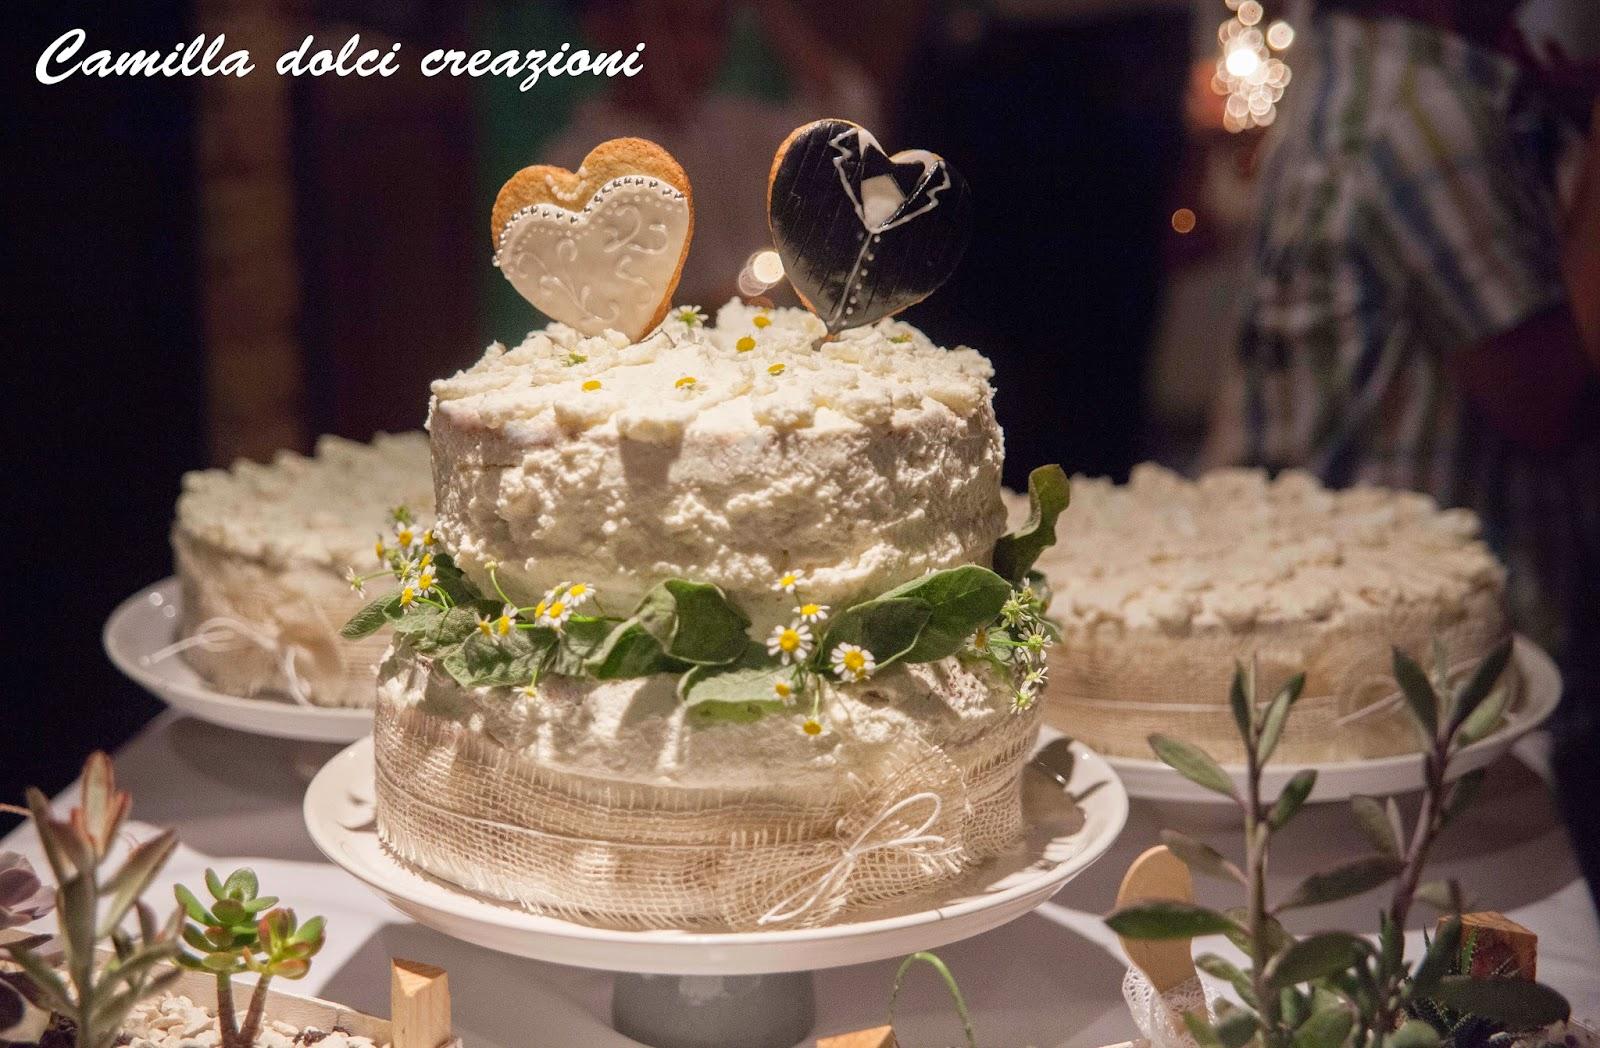 Camilla dolci creazioni tre romantiche wedding cakes per una coppia speciale di sposi - Glassa a specchio su pan di spagna ...